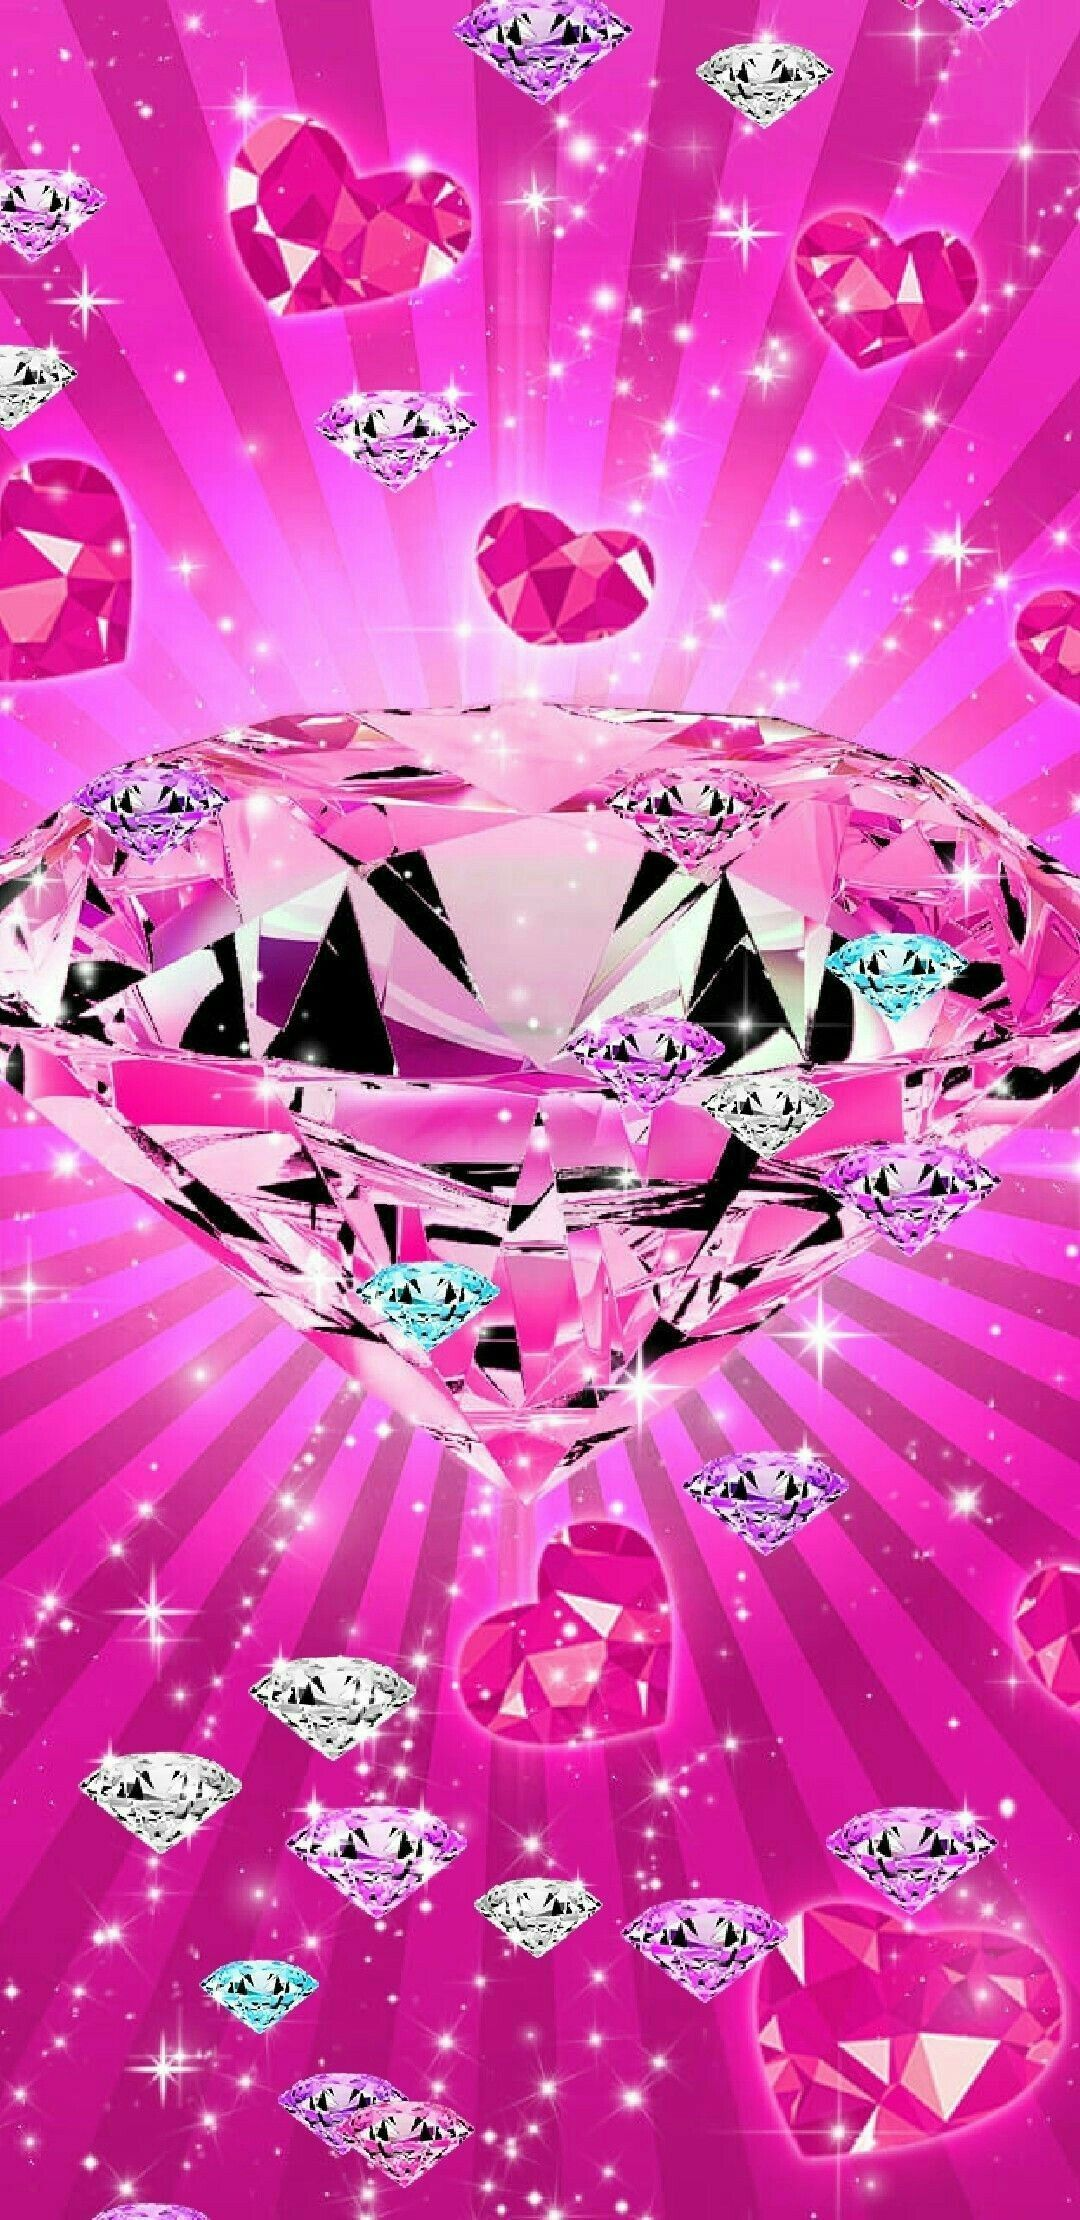 Best Of Shining Wallpaper in 2020   Pink diamond wallpaper ...